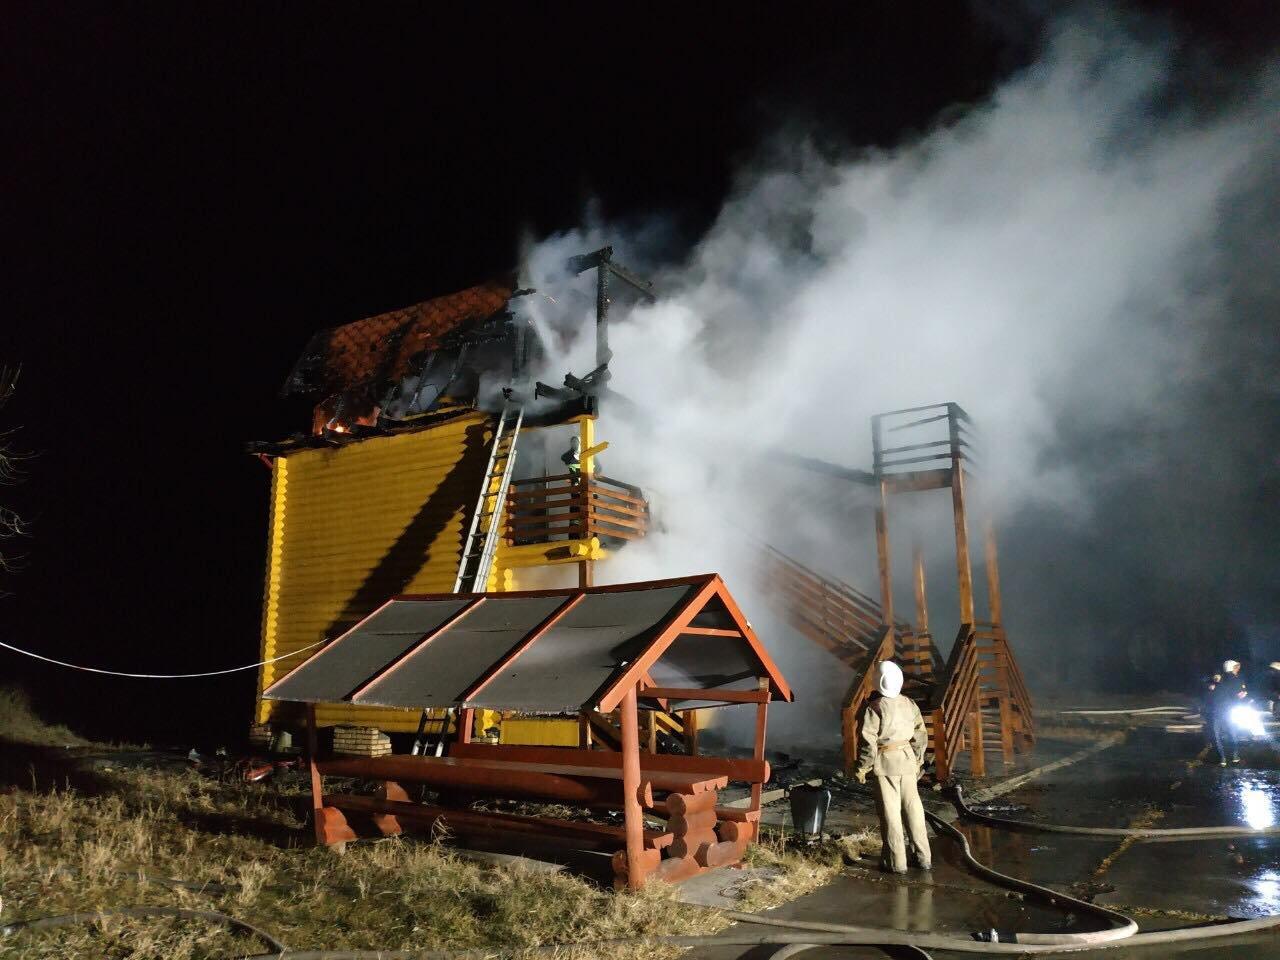 База отдыха горела ночью в Одесской области: причина уже известна, - ФОТО, фото-2